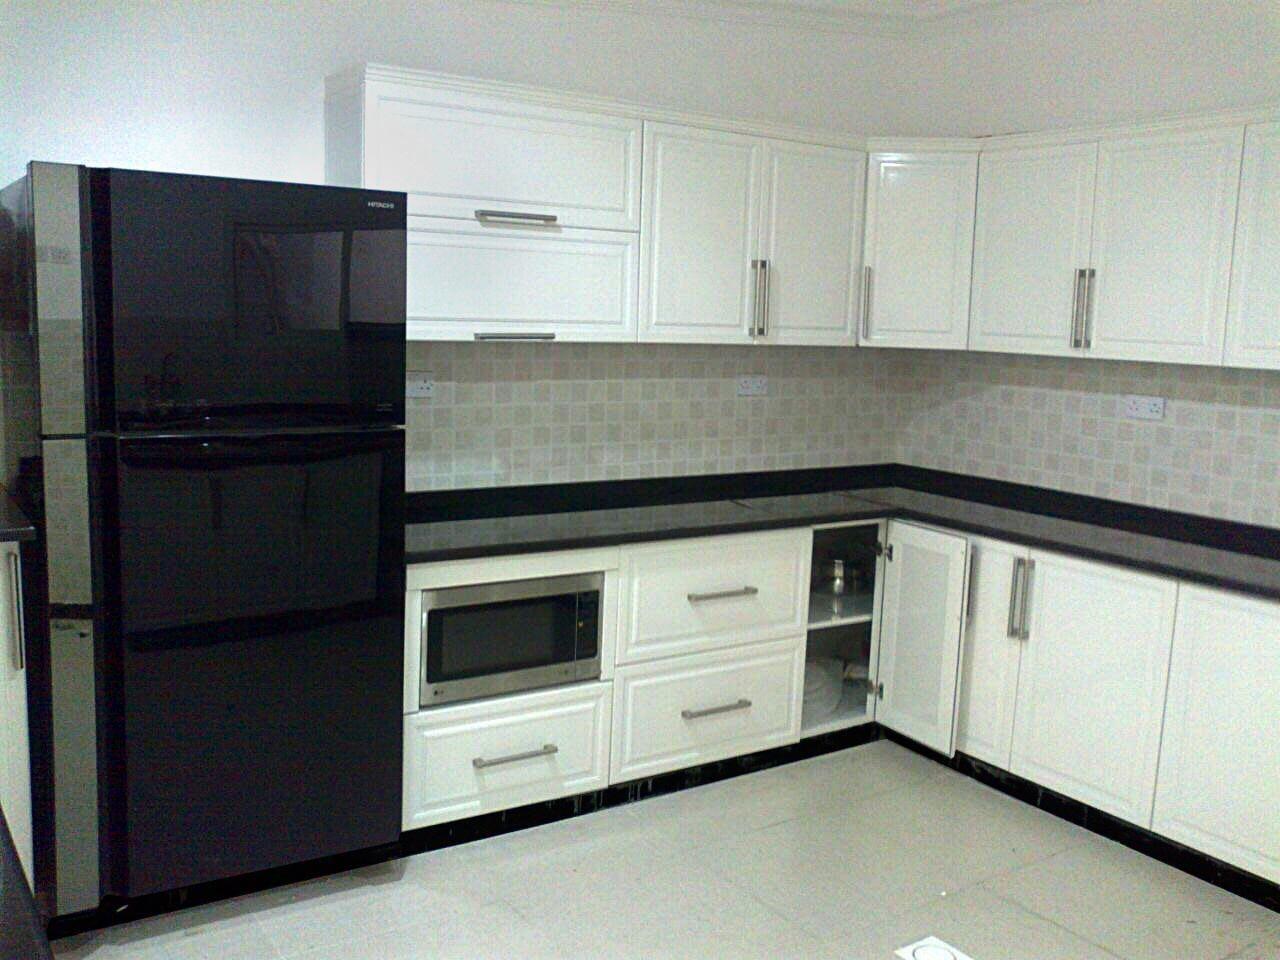 Aluminium kitchen Ral finish type: Alutech